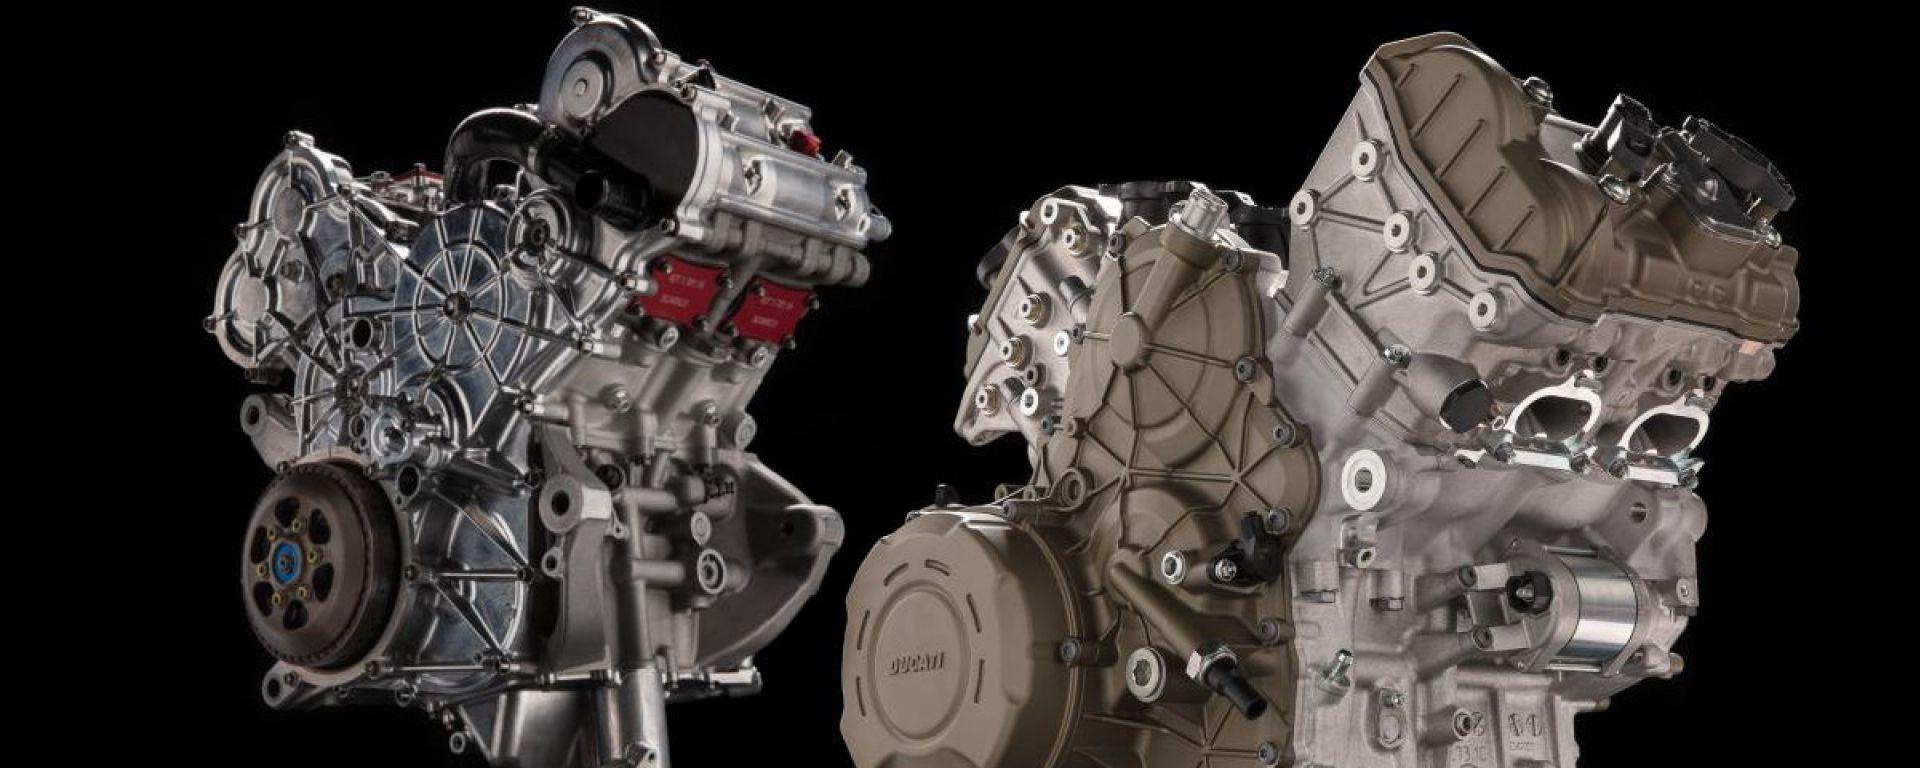 Motori Ducati 2017